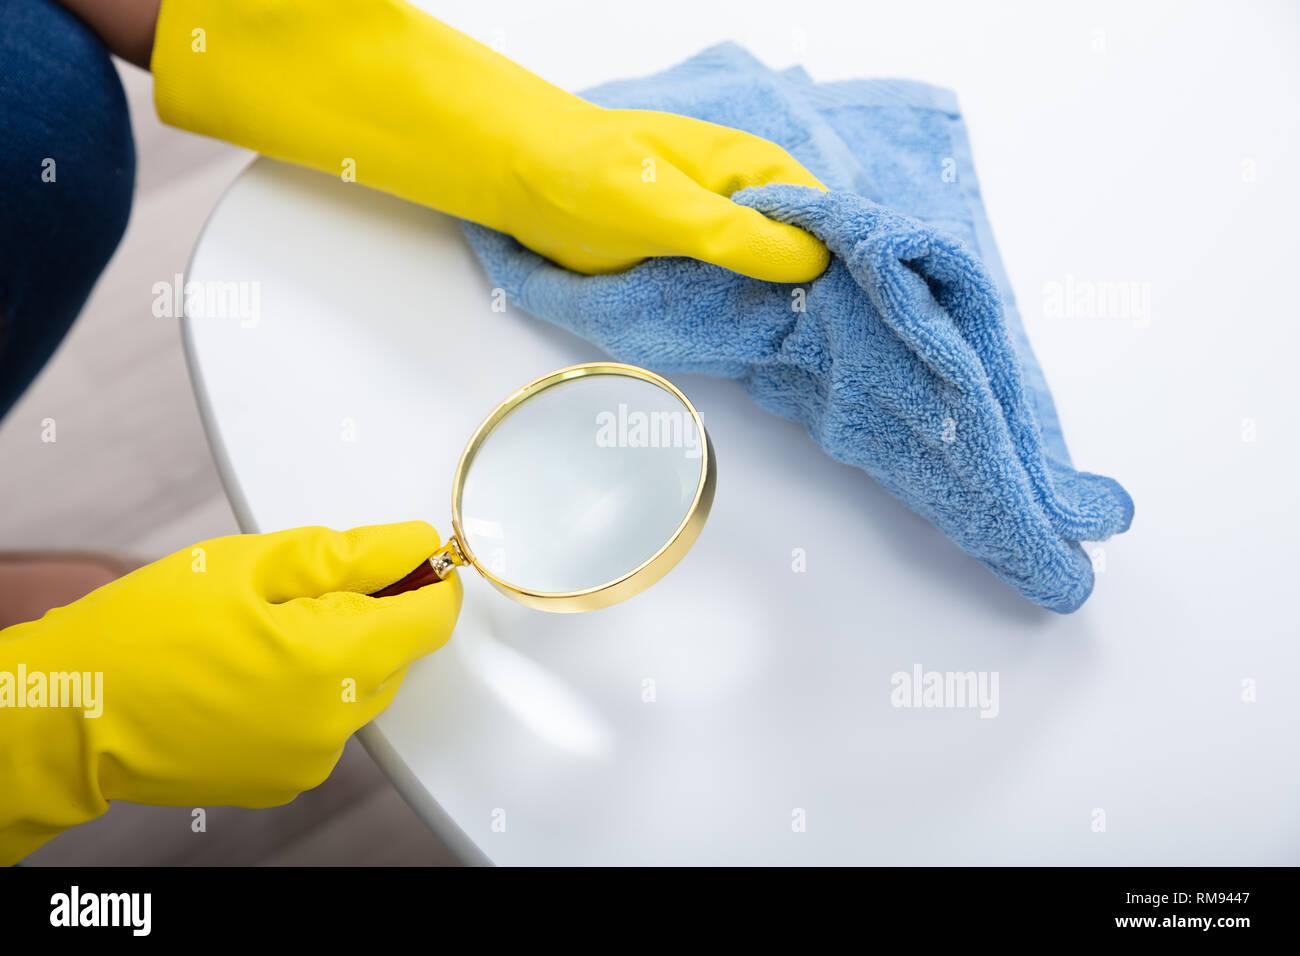 Concierge part portant des gants jaunes examiner Tableau à l'aide de loupe et nappes Photo Stock